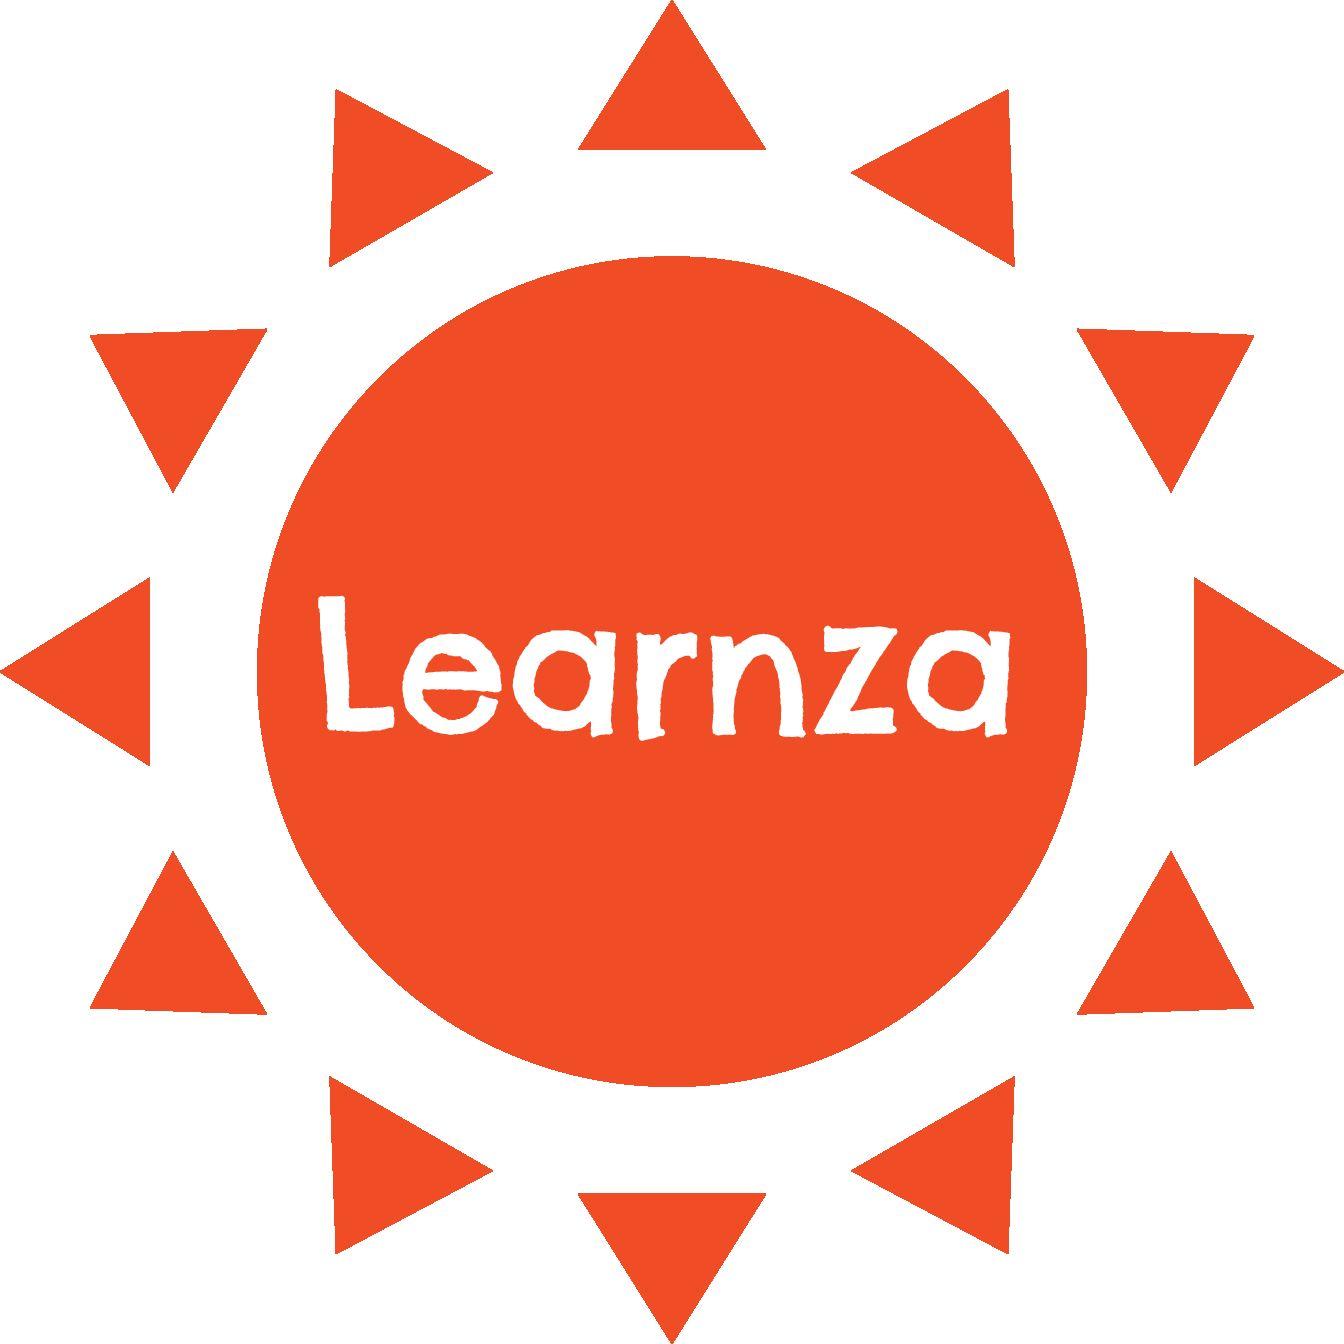 Learnza.jpg